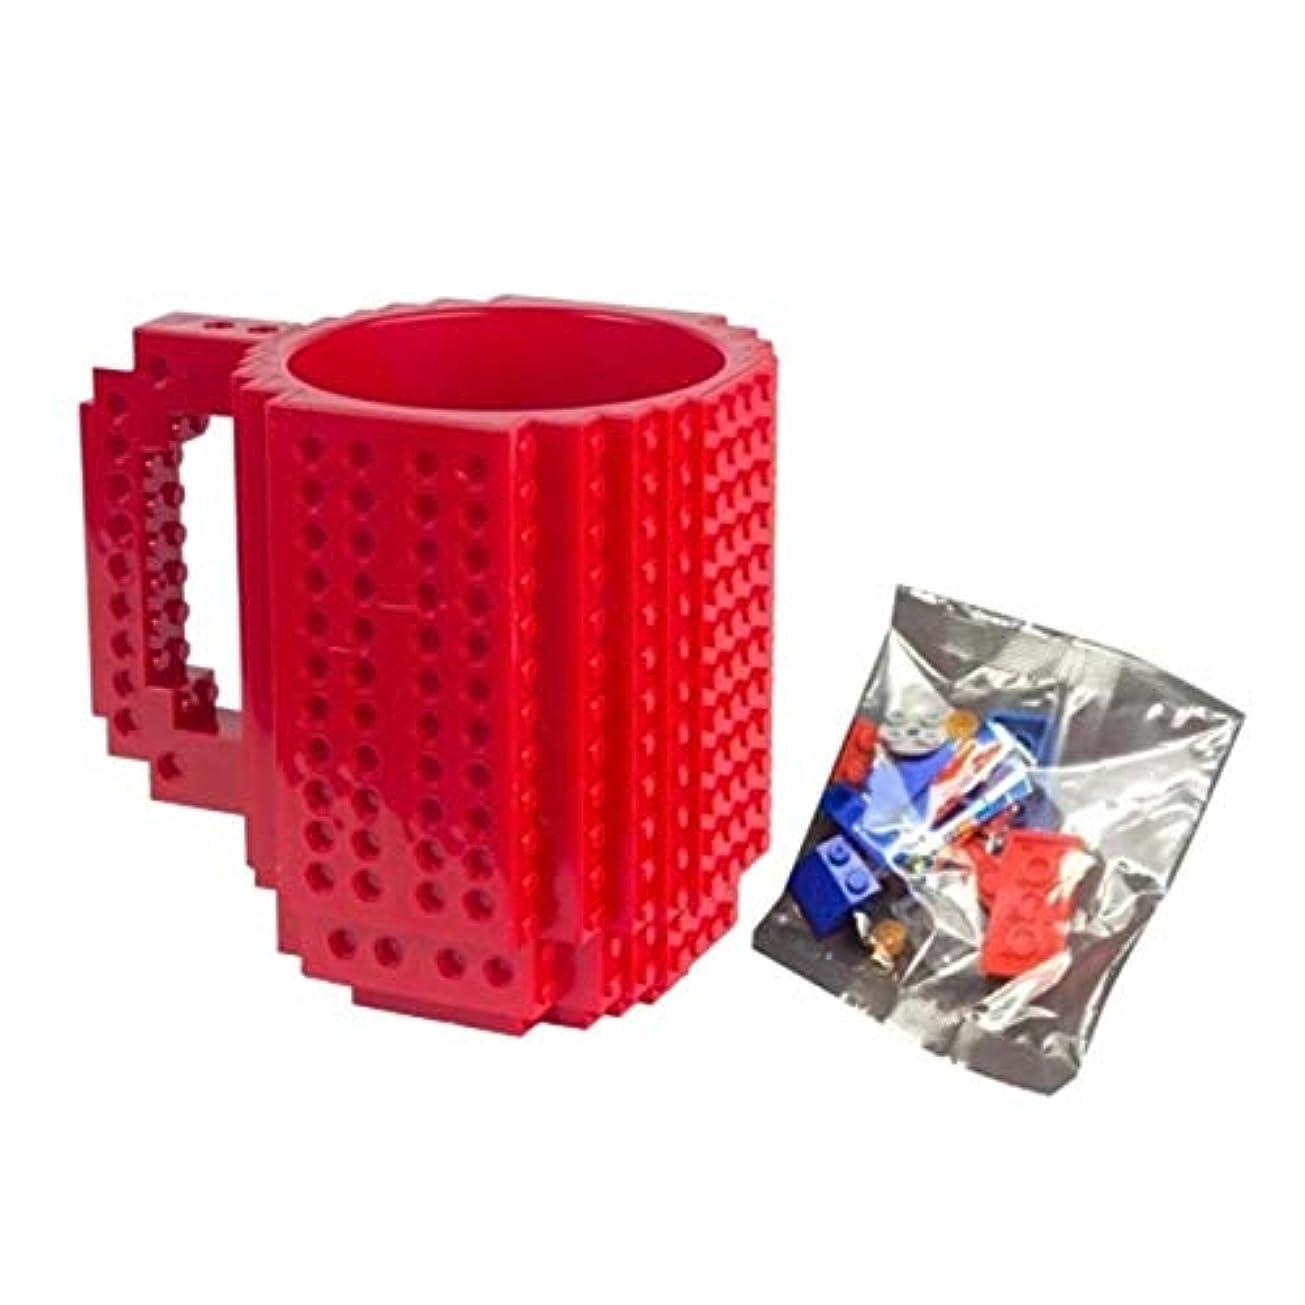 マウントバンクパイントつぼみSaikogoods レンガマグカップDIY?ビルディング?ブロックのコーヒーカップを構築 赤